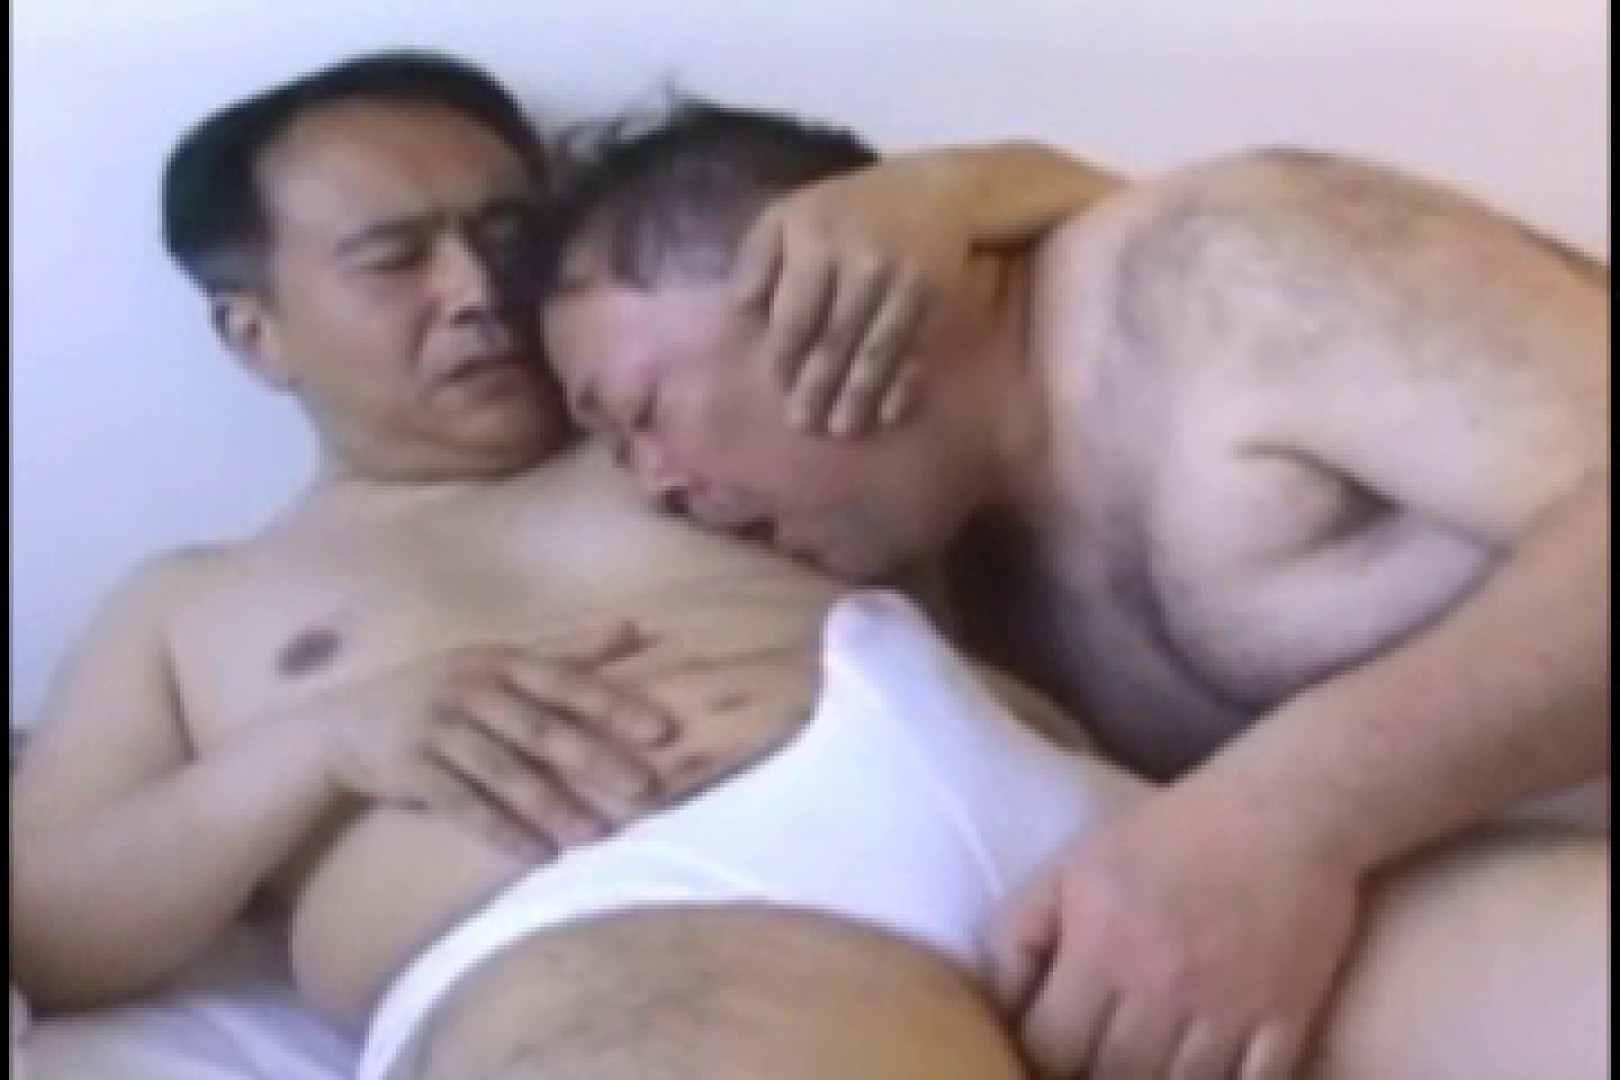 中年旦那の発情記 ゲイのオナニー映像  99枚 39